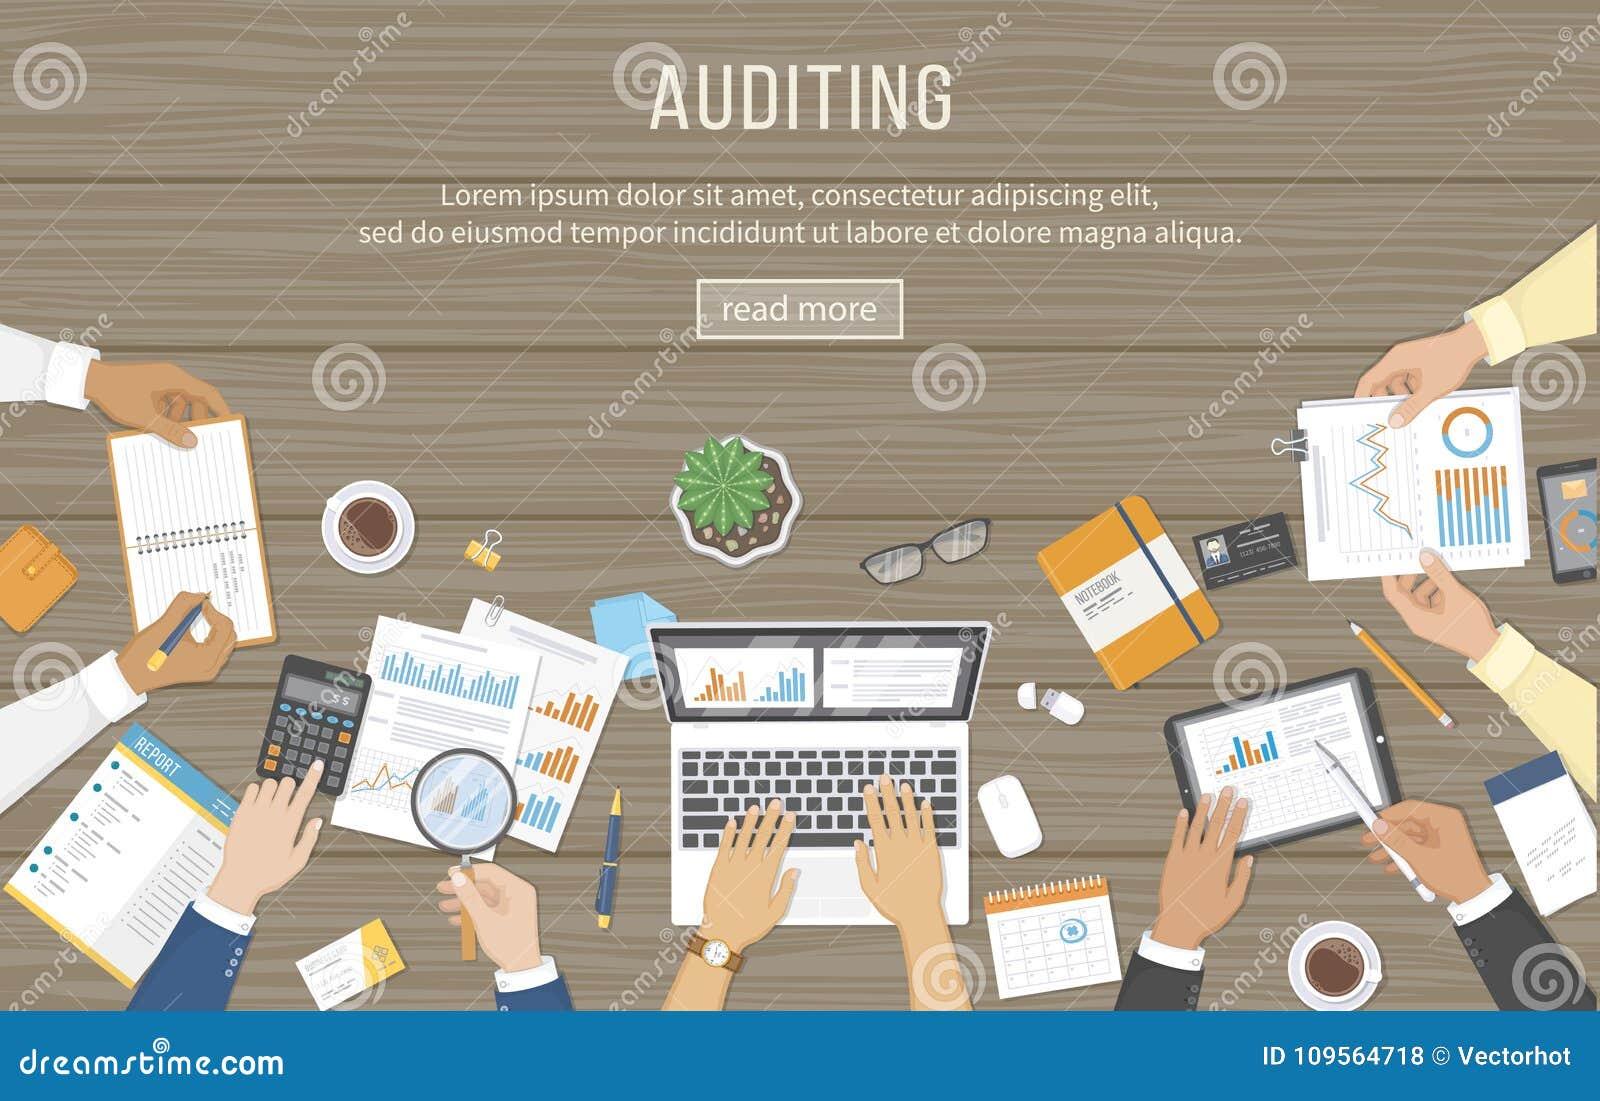 业务会议,审计,数据分析,报告,会计 书桌的人们在工作 在一张桌上的人的手与文件,